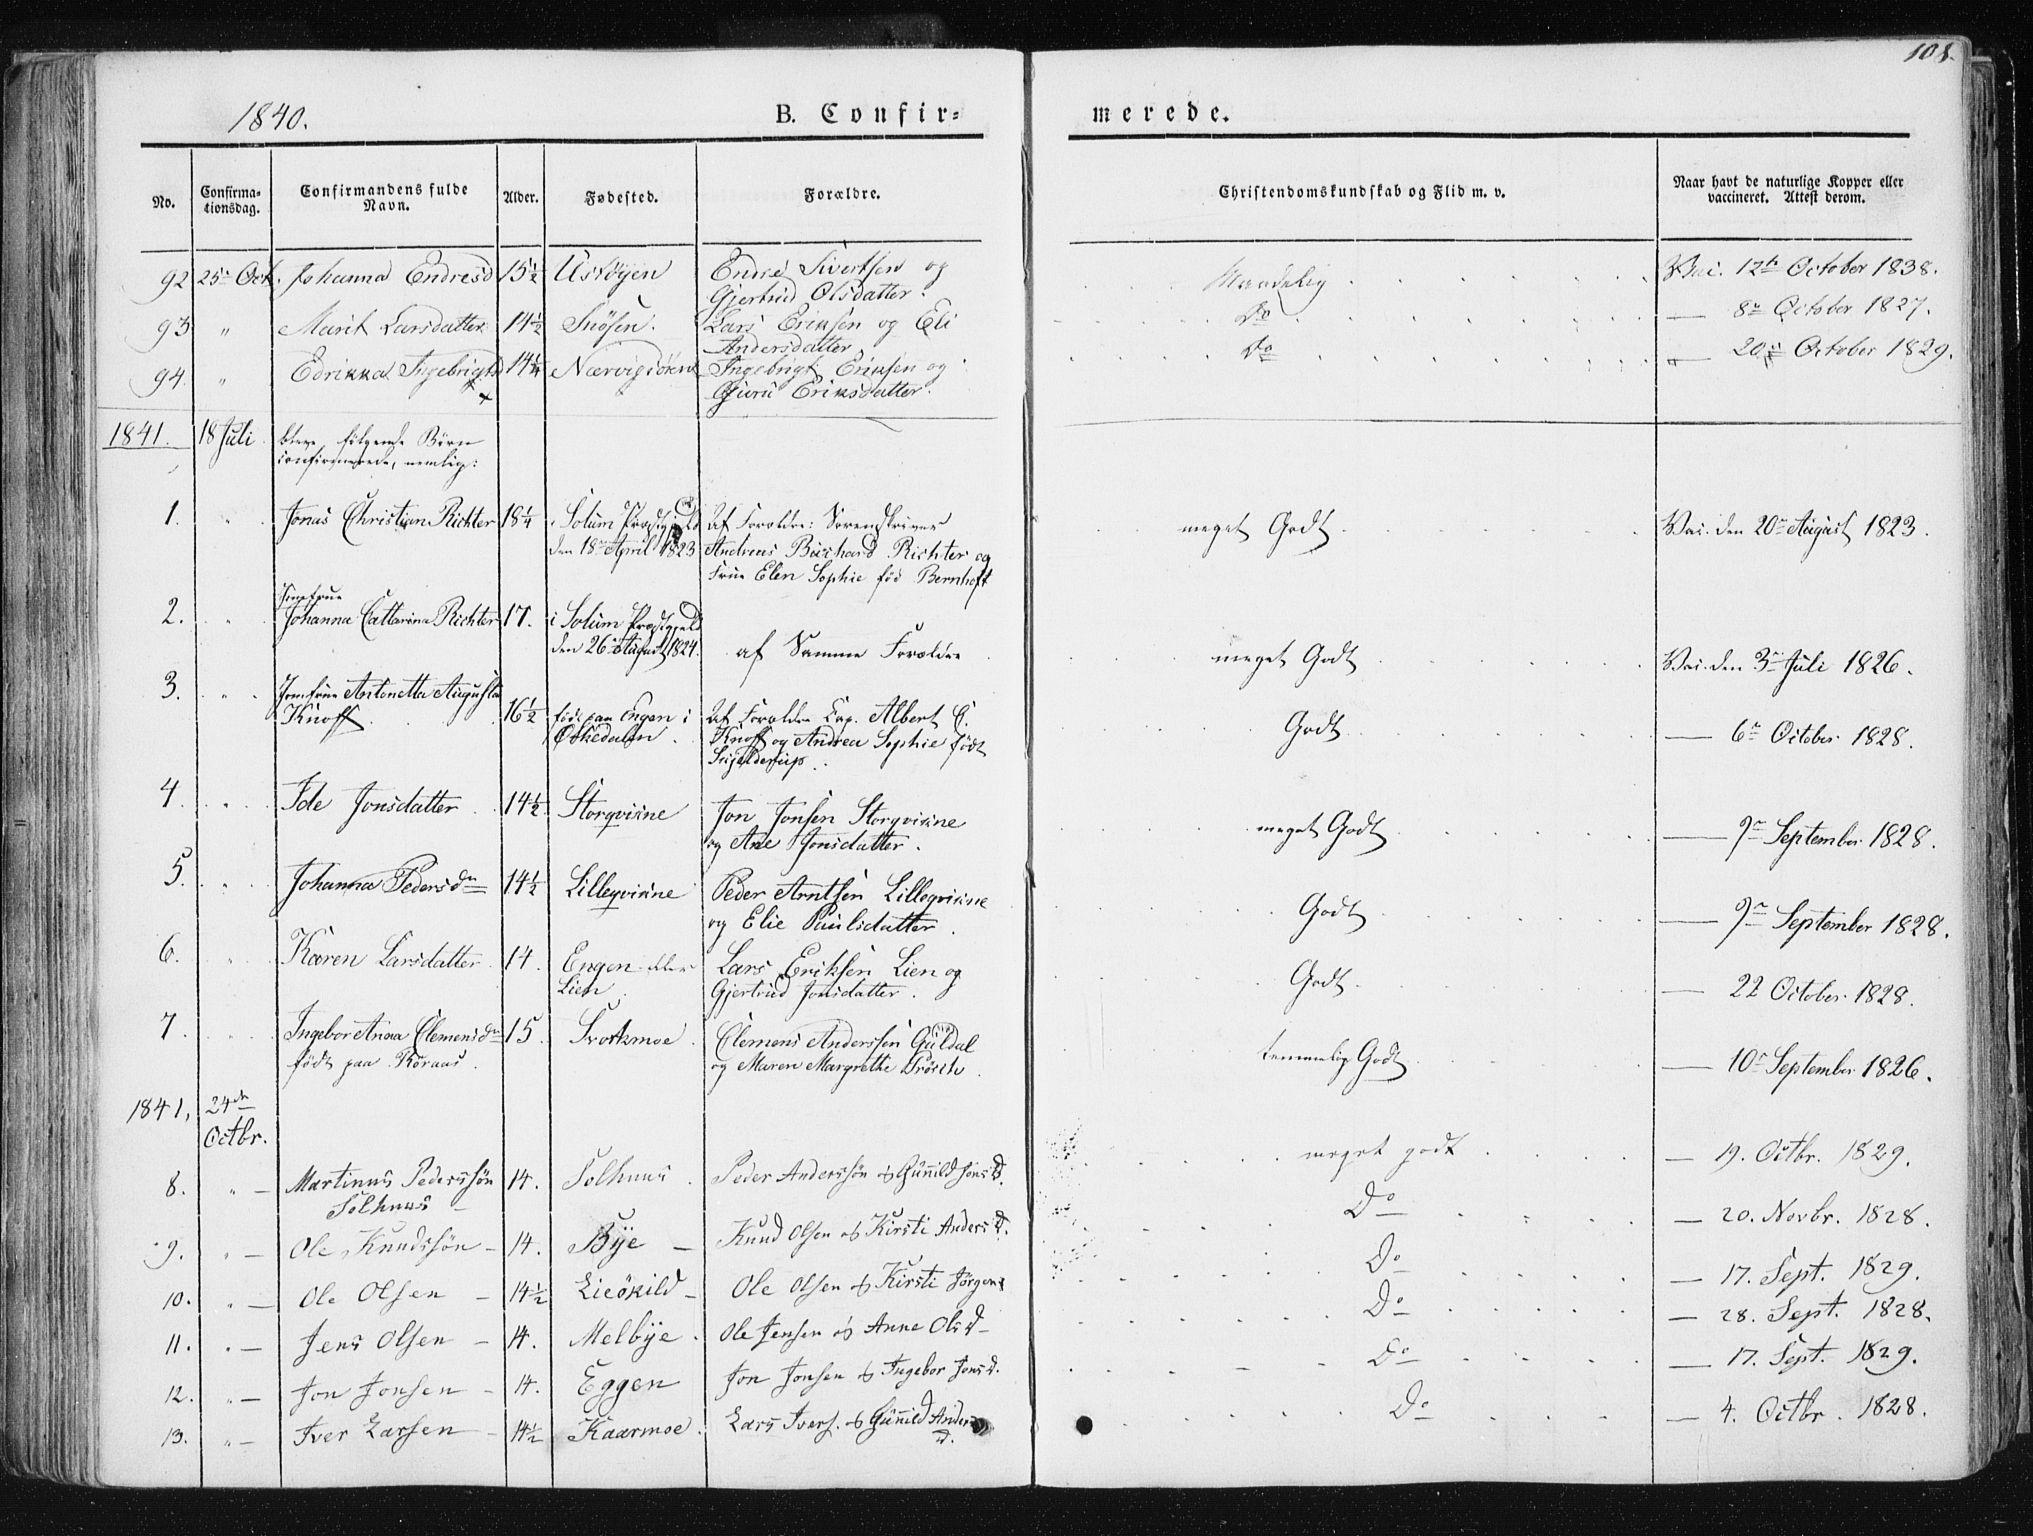 SAT, Ministerialprotokoller, klokkerbøker og fødselsregistre - Sør-Trøndelag, 668/L0805: Ministerialbok nr. 668A05, 1840-1853, s. 108